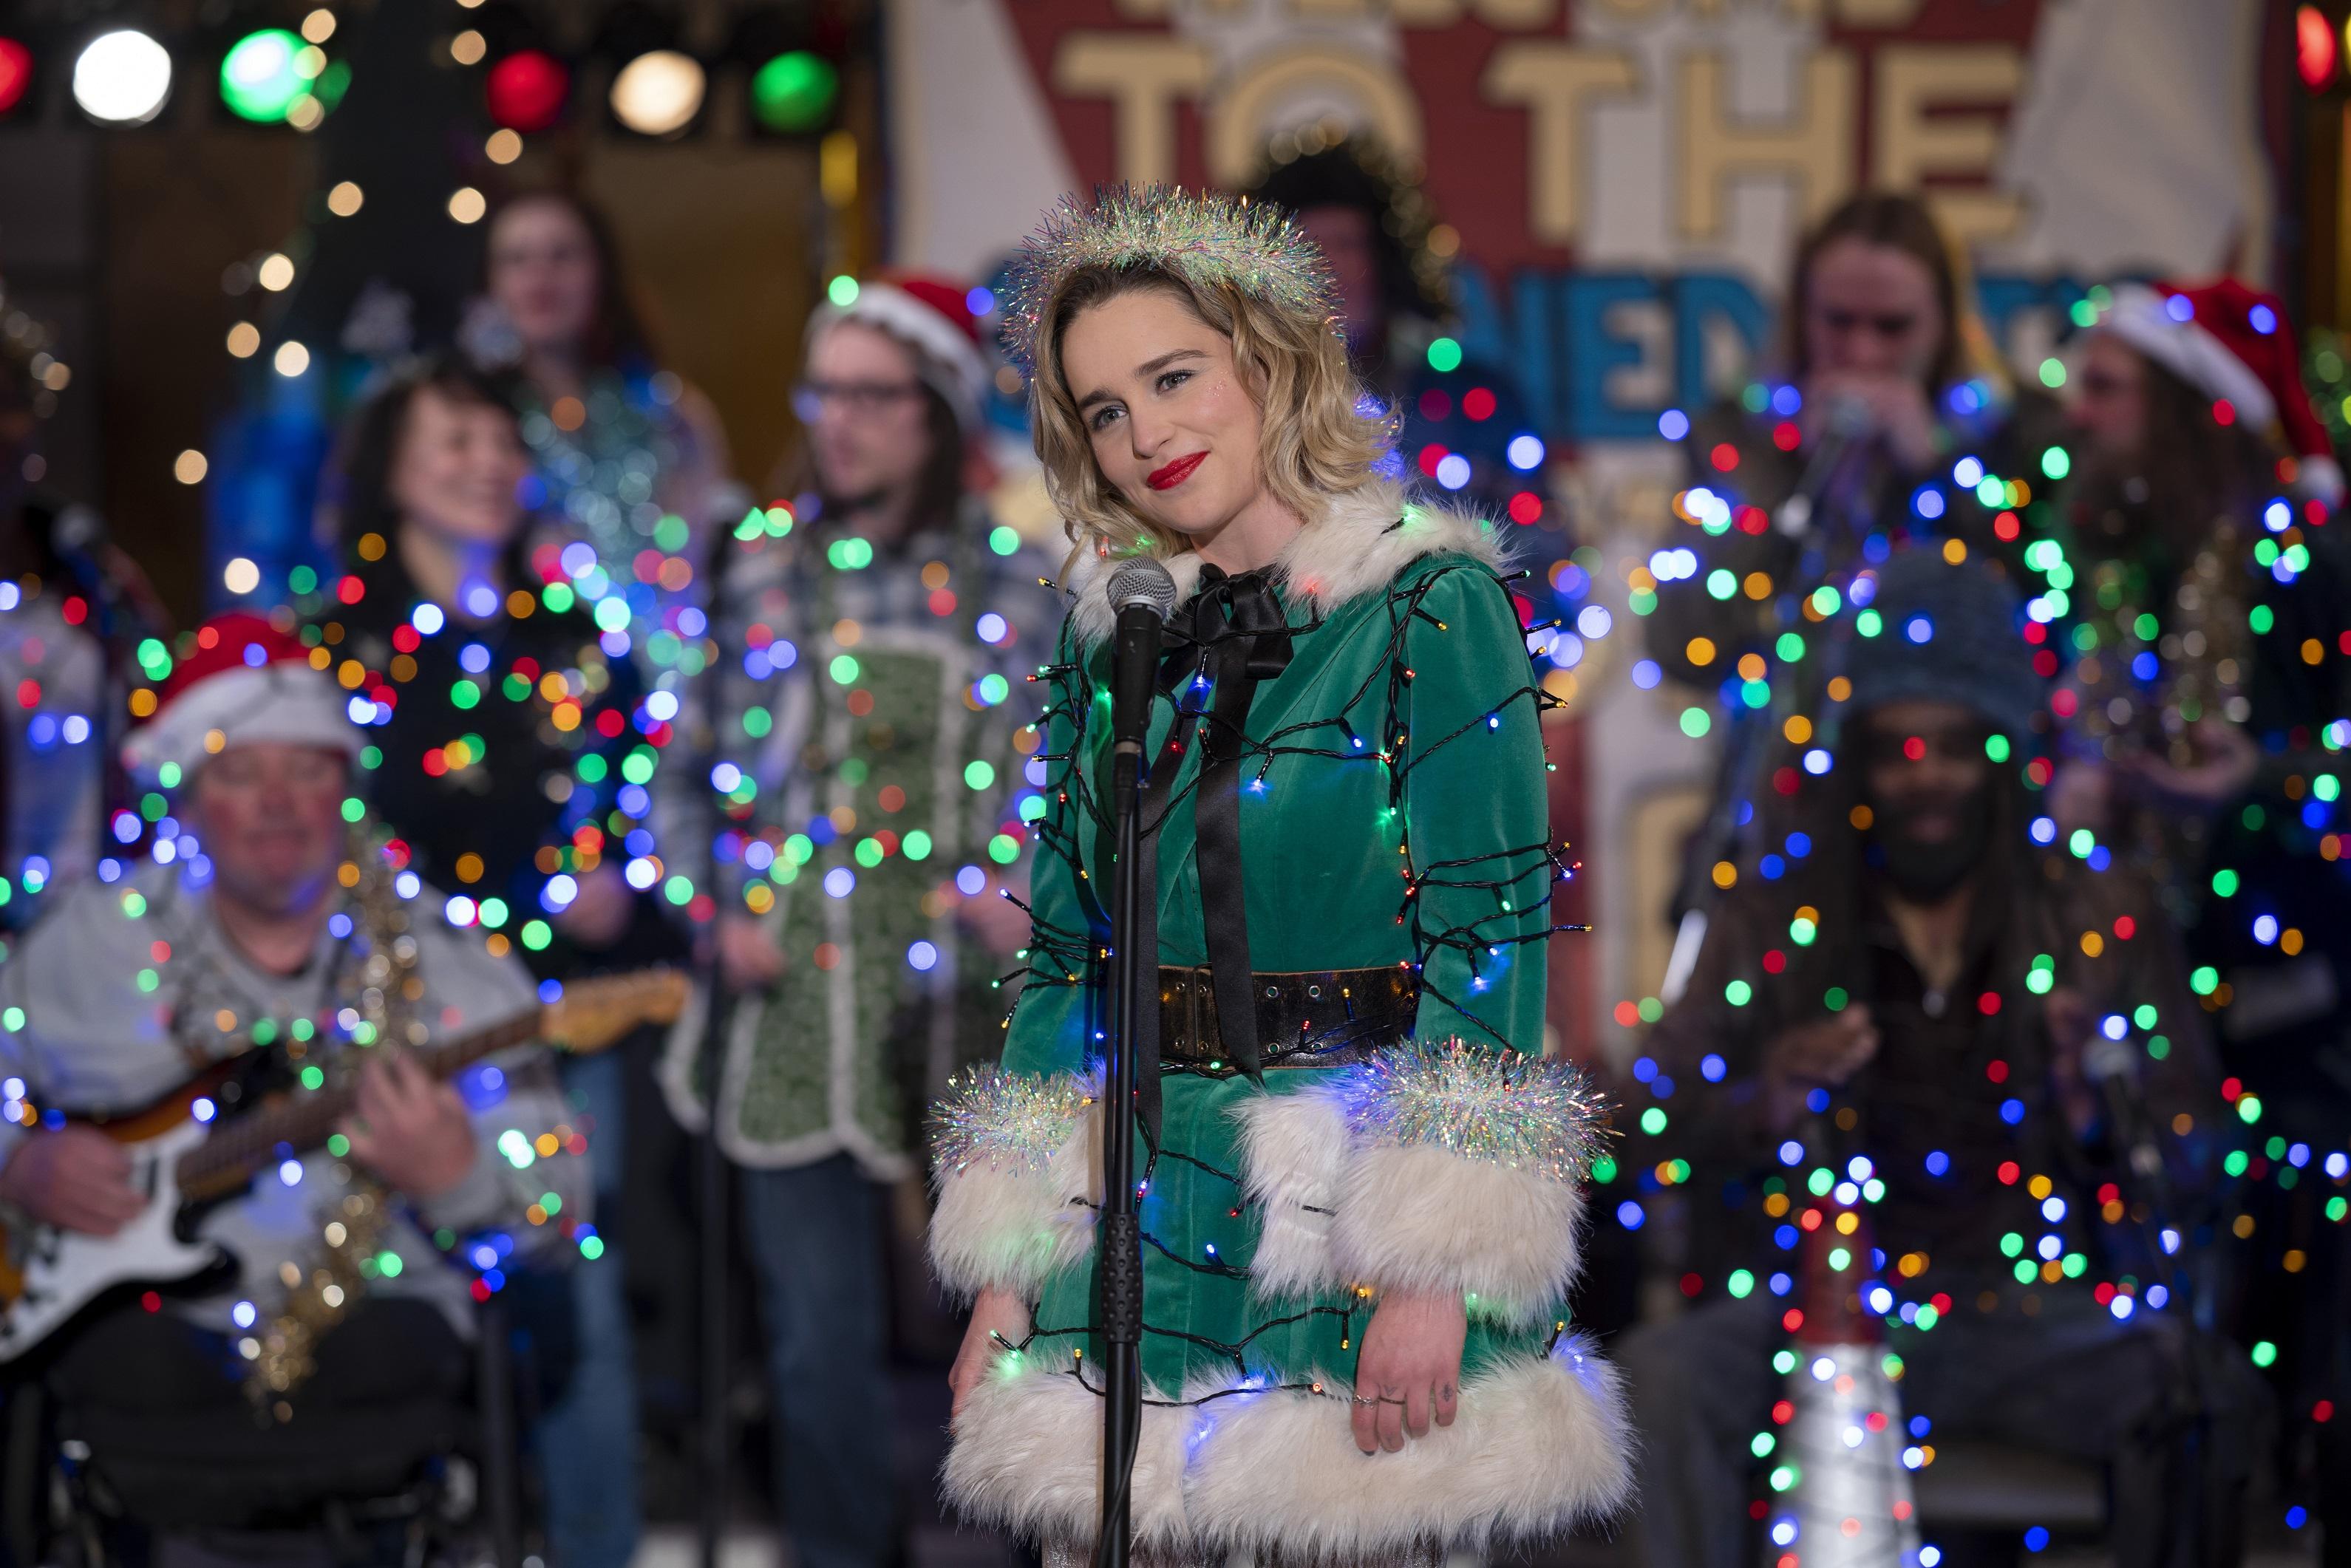 《去年聖誕節》艾蜜莉克拉克和亨利高汀好萊塢新CP組合